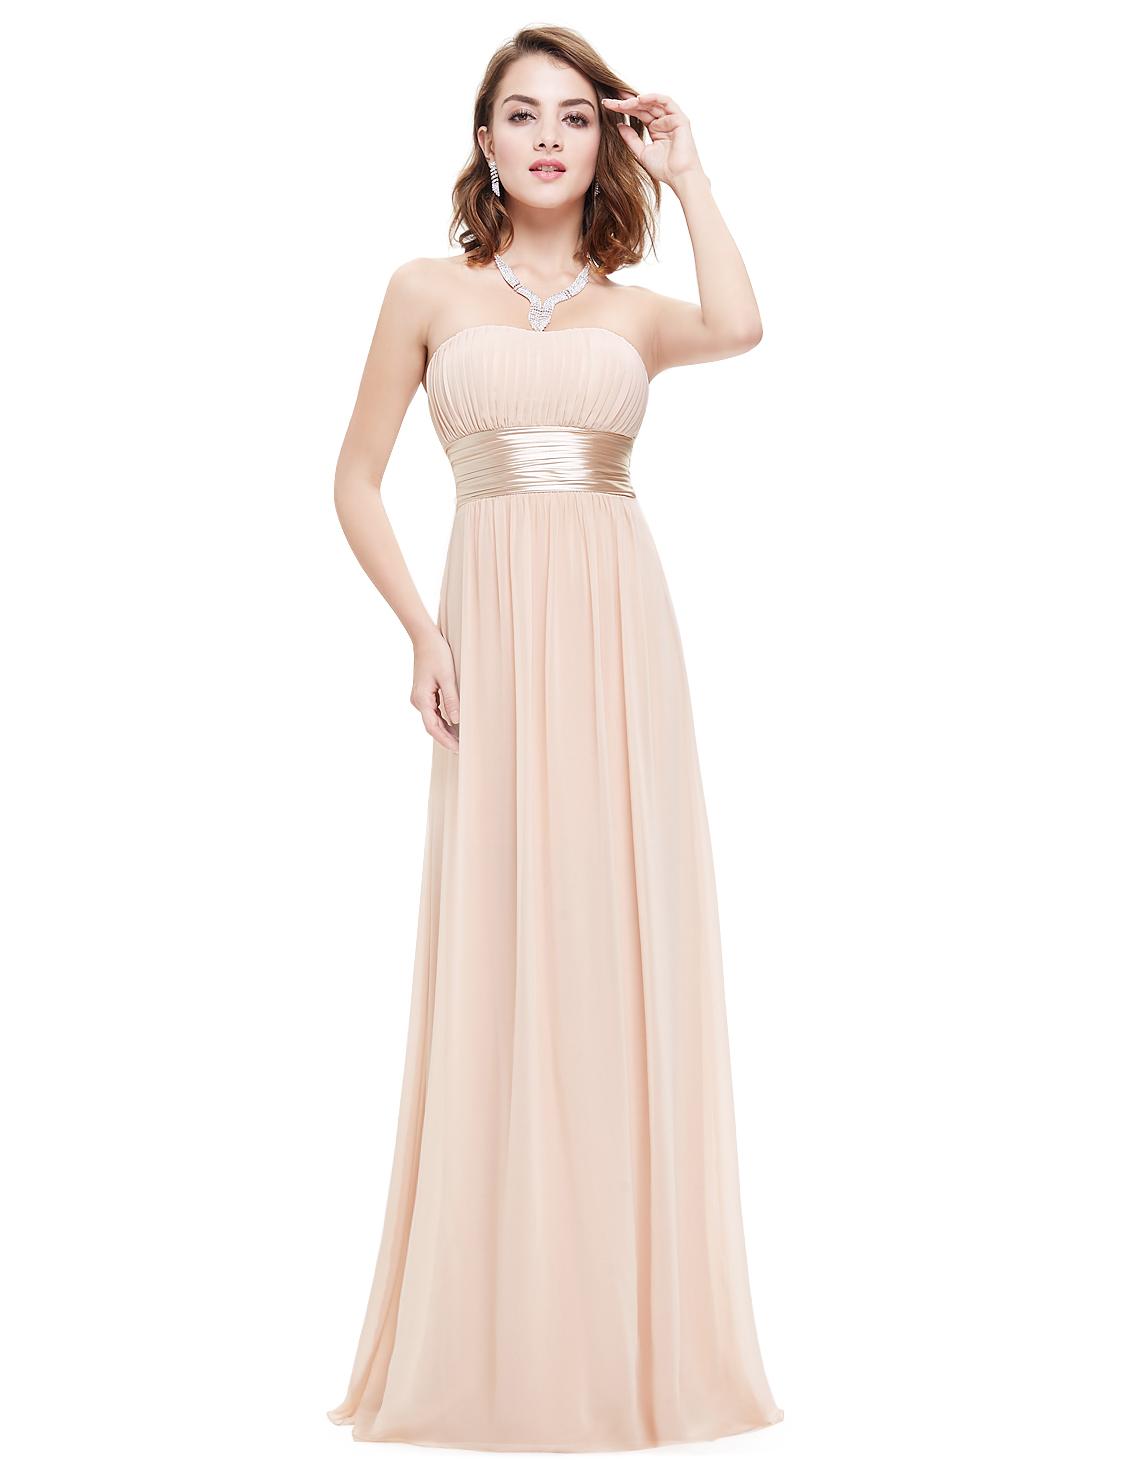 8f962e42e4f6 Béžové dlouhé společenské šaty na svatbu pro družičku svědkyni 44 XXL